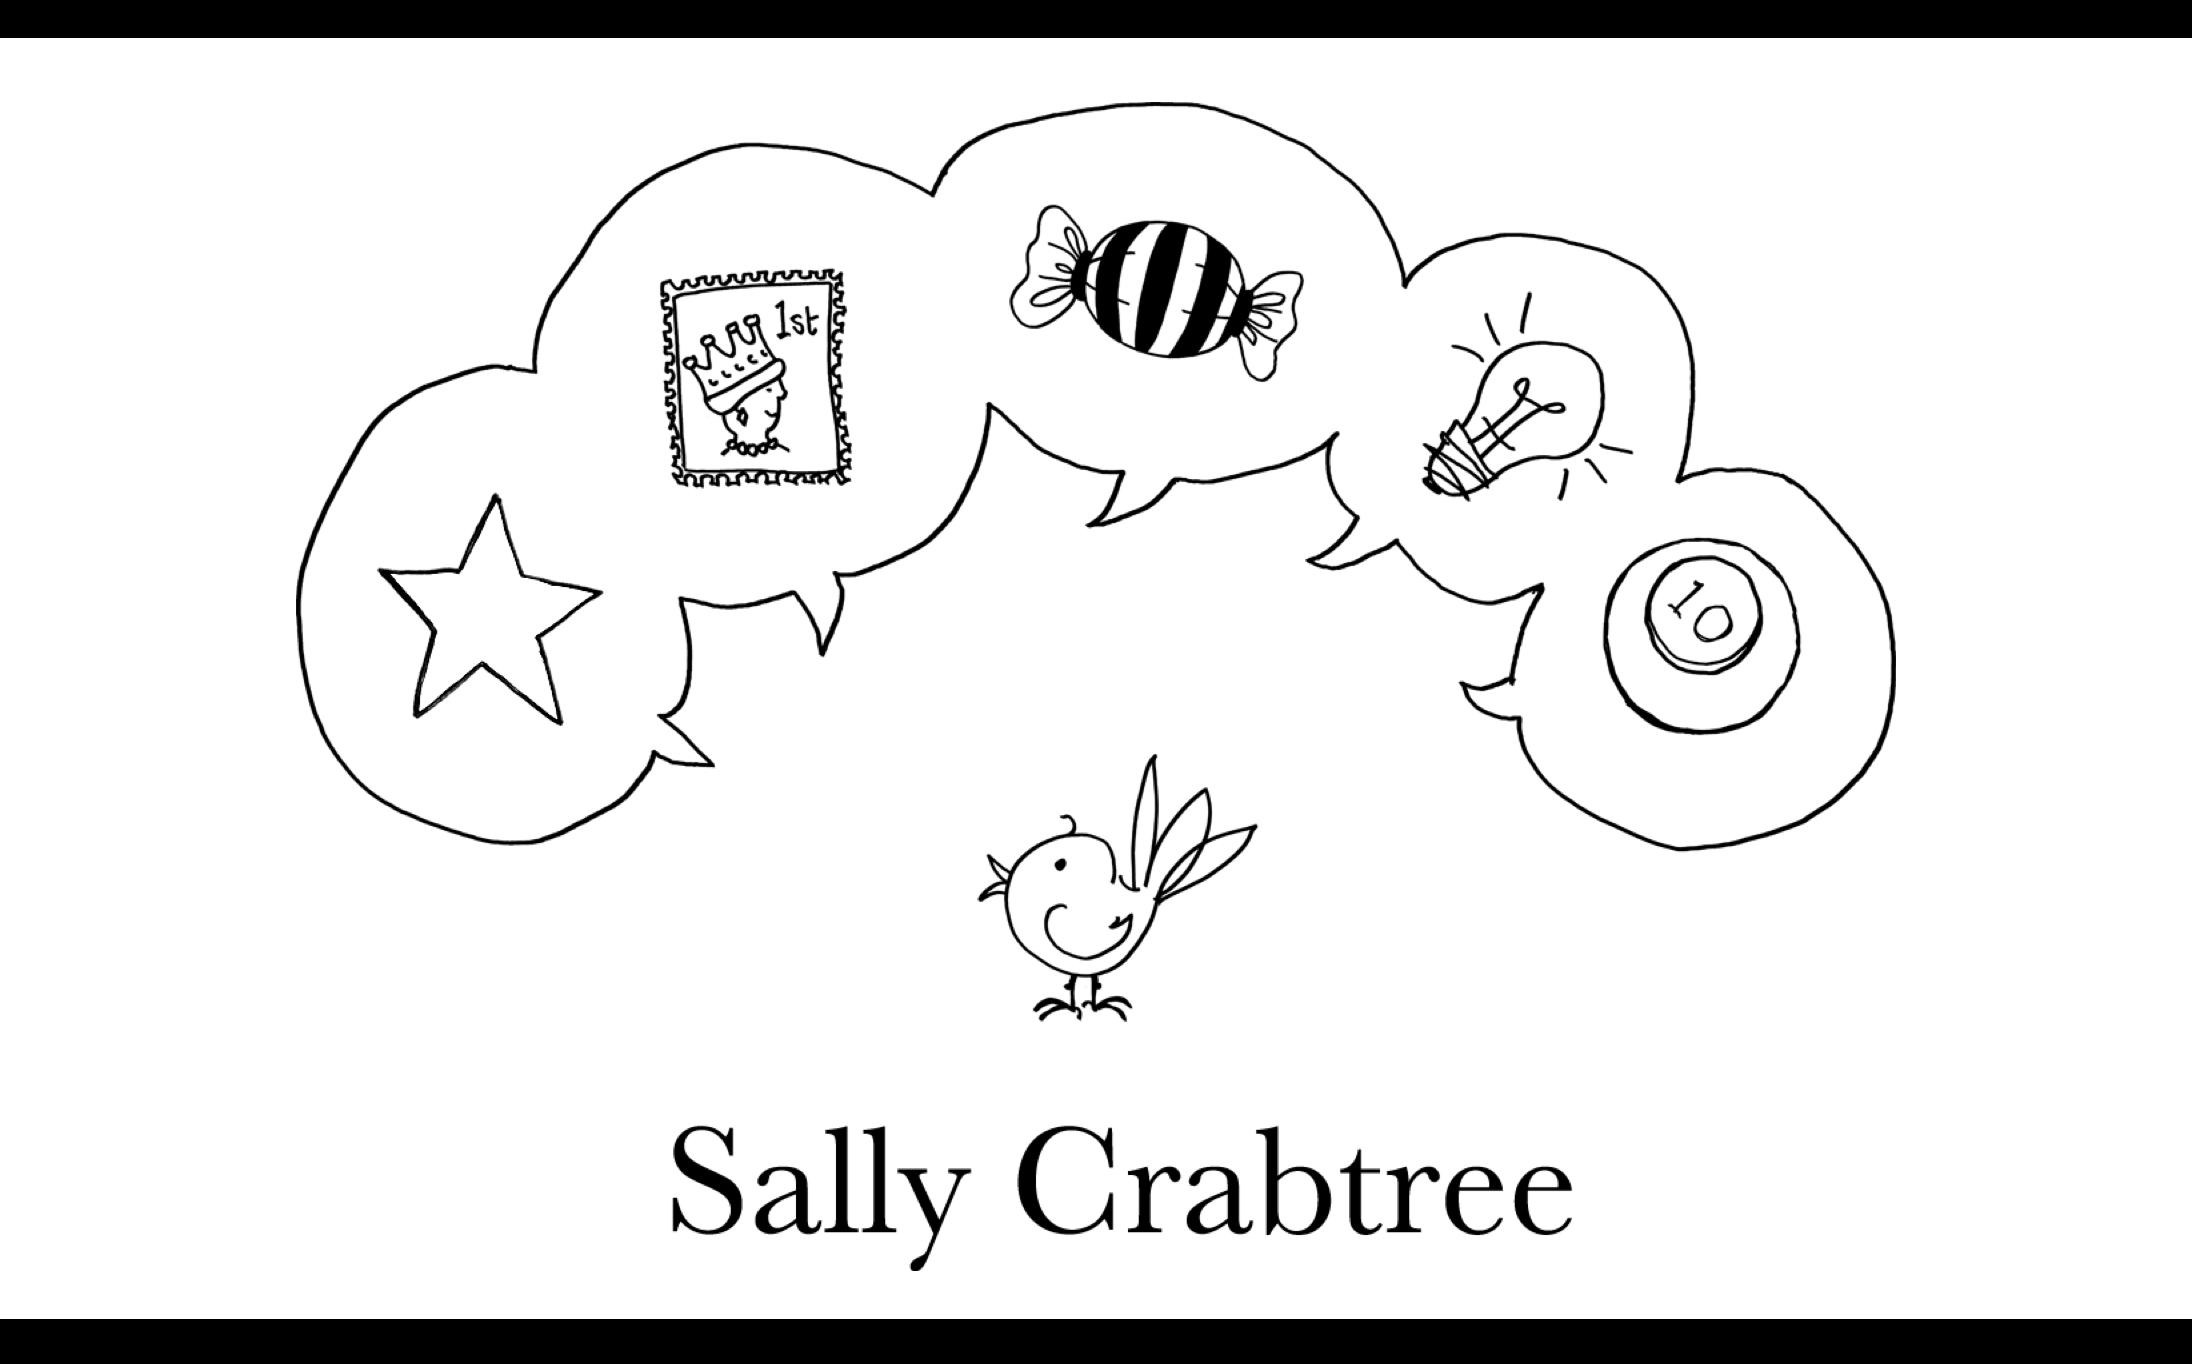 sallycrabtree